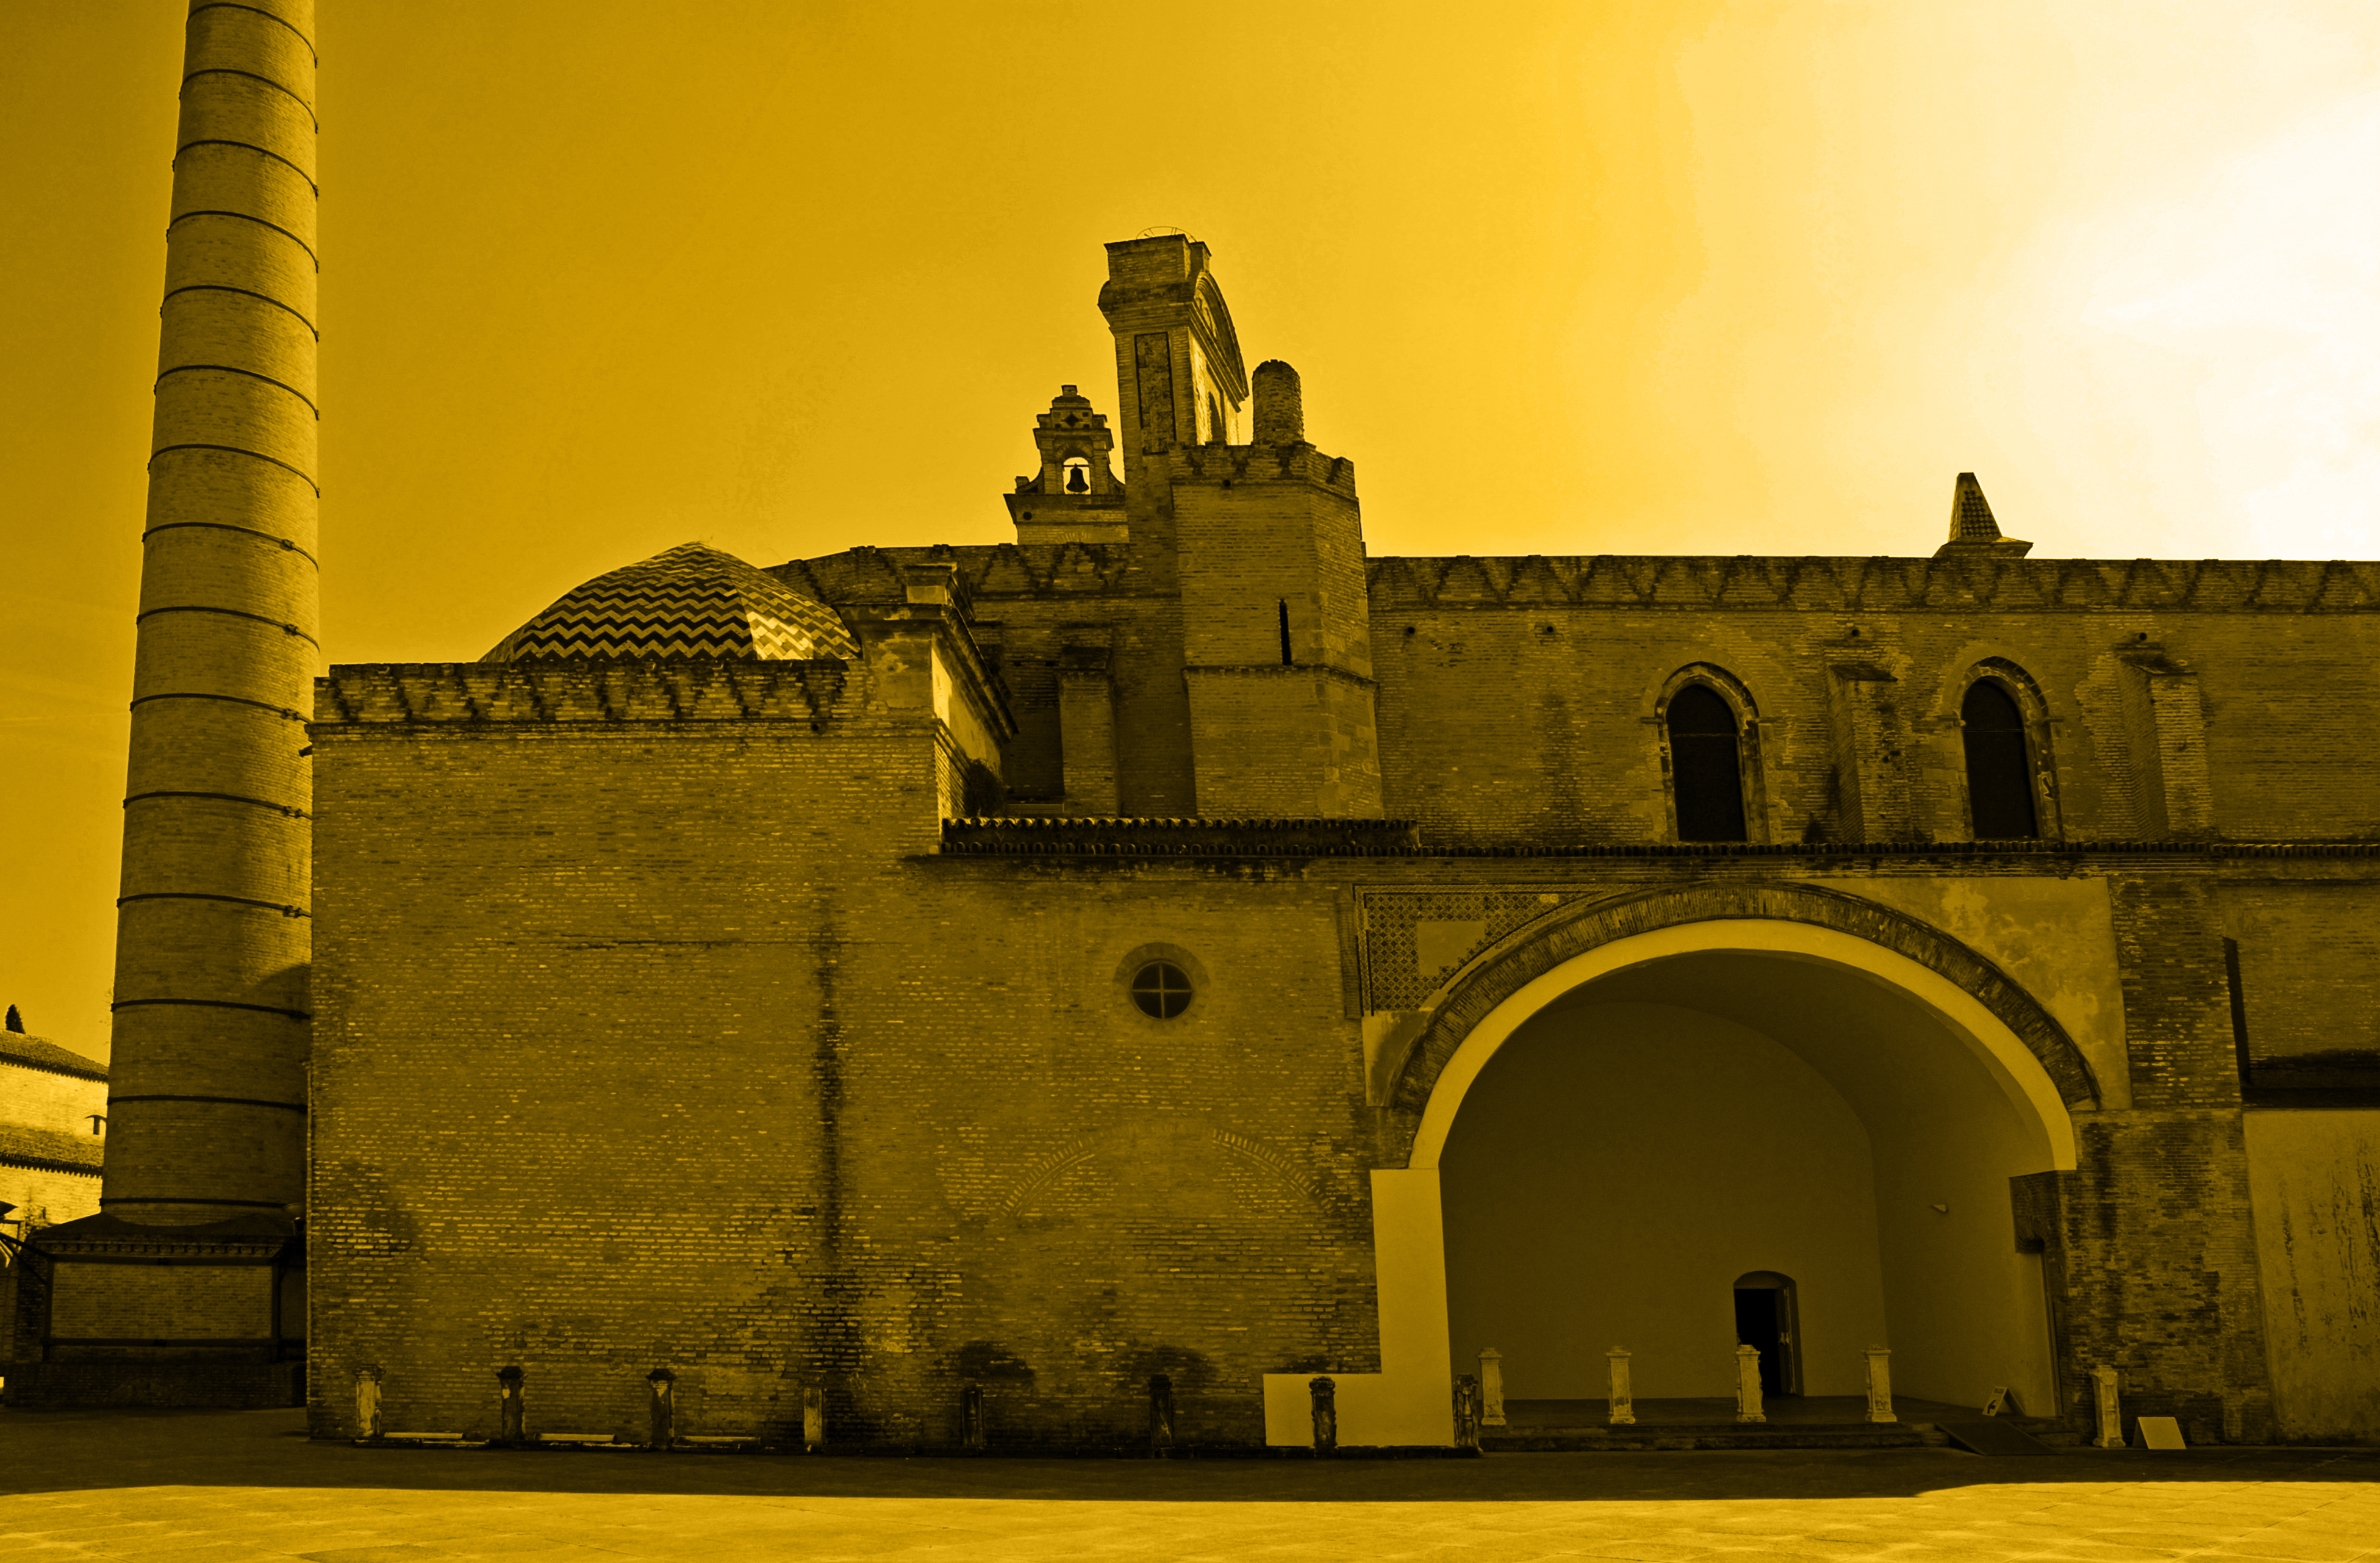 Monasterio de la Cartuja. Lugares que nos emocionan